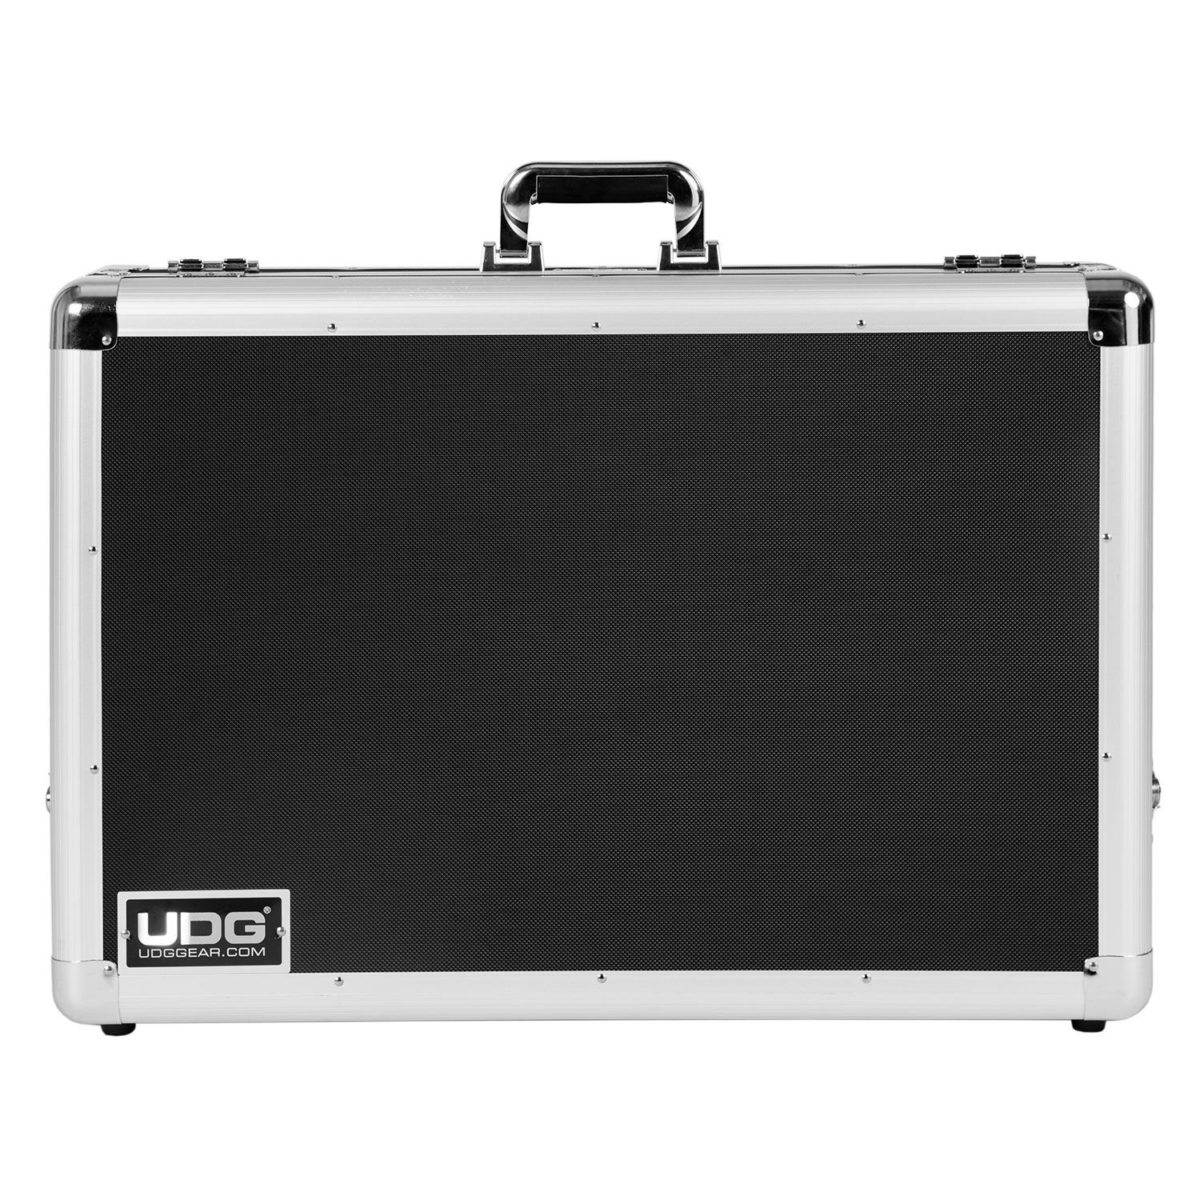 UDG Ultimate Pick Foam Flight Case Multi Format XL Silver U93013SL